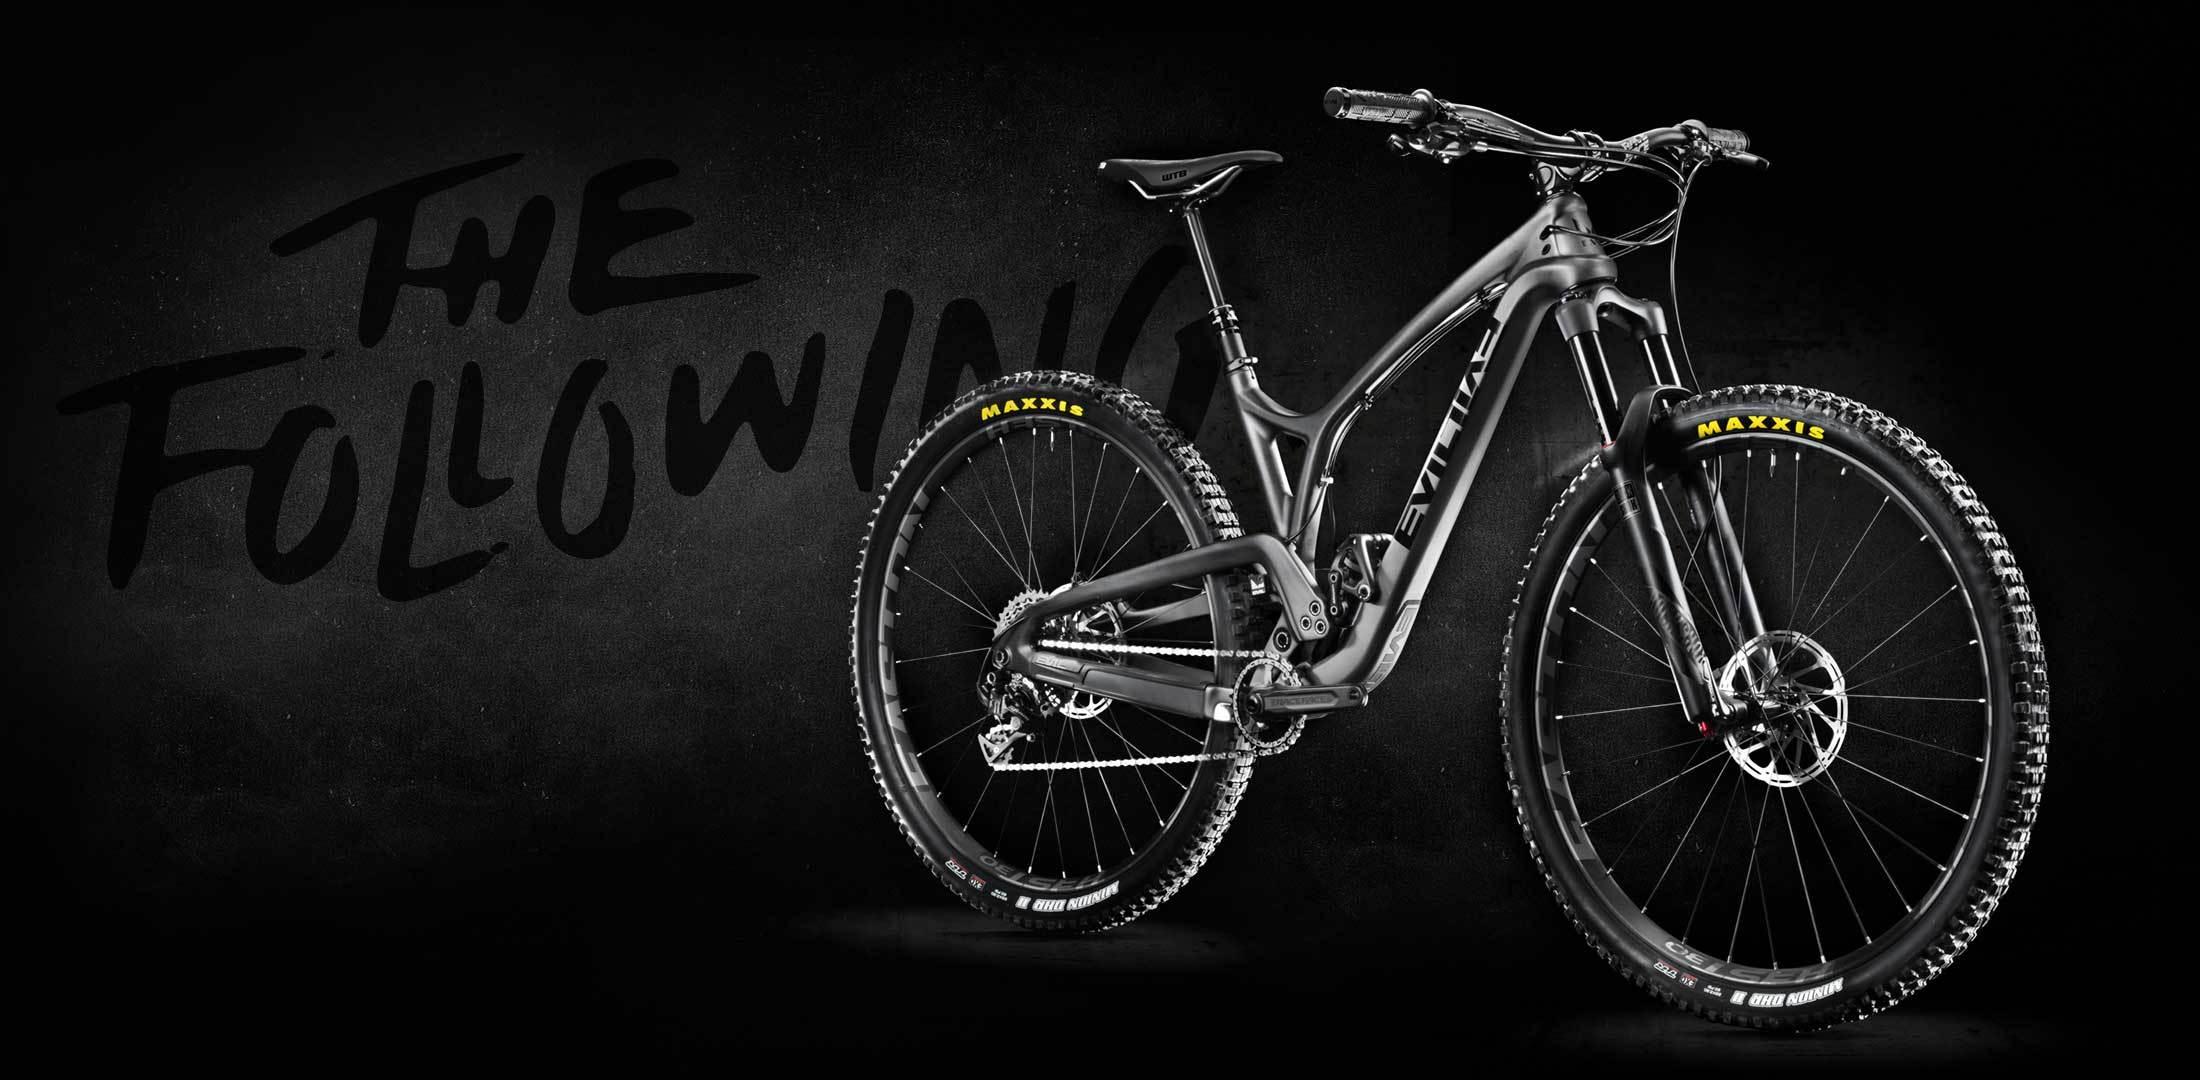 evil-following-bike-hero-2200x1080.jpg